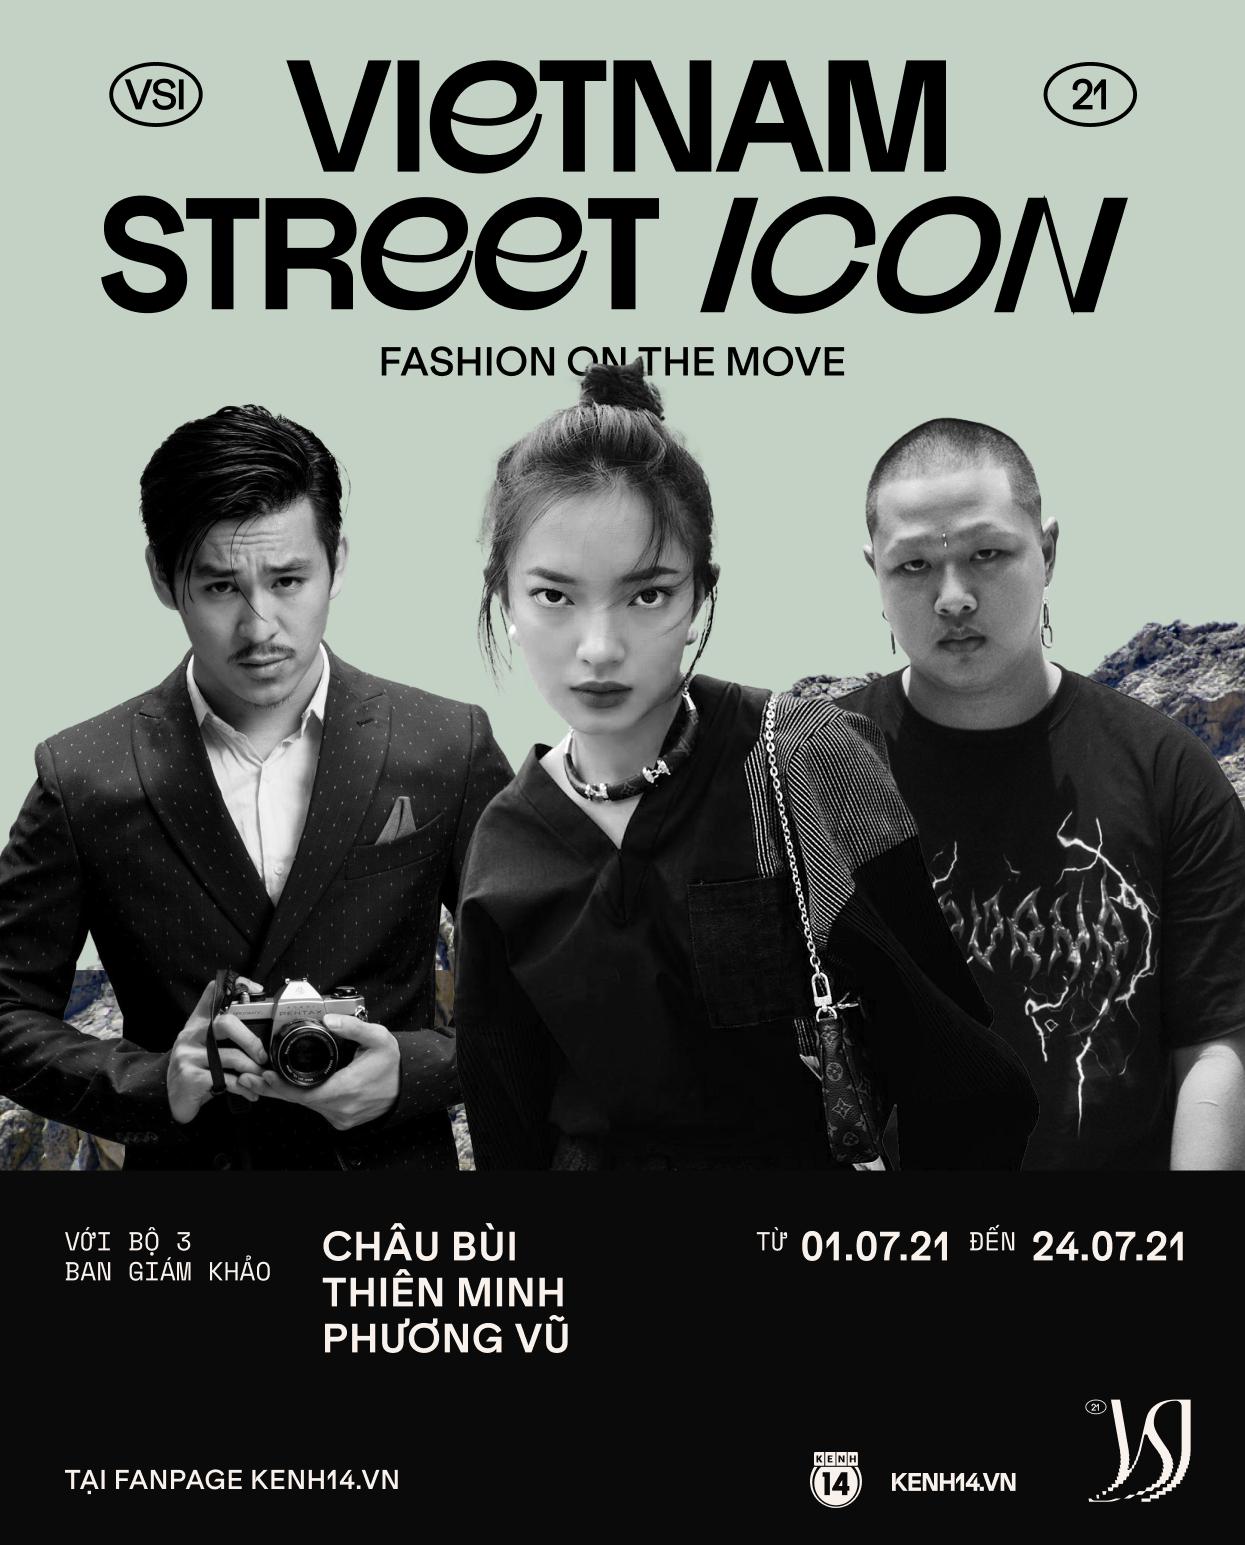 Hé lộ BGK của Vietnam Street Icon: Bên cạnh Châu Bùi và Thiên Minh còn là 1 chủ shop local brand khét lẹt đất Hà thành - Ảnh 14.